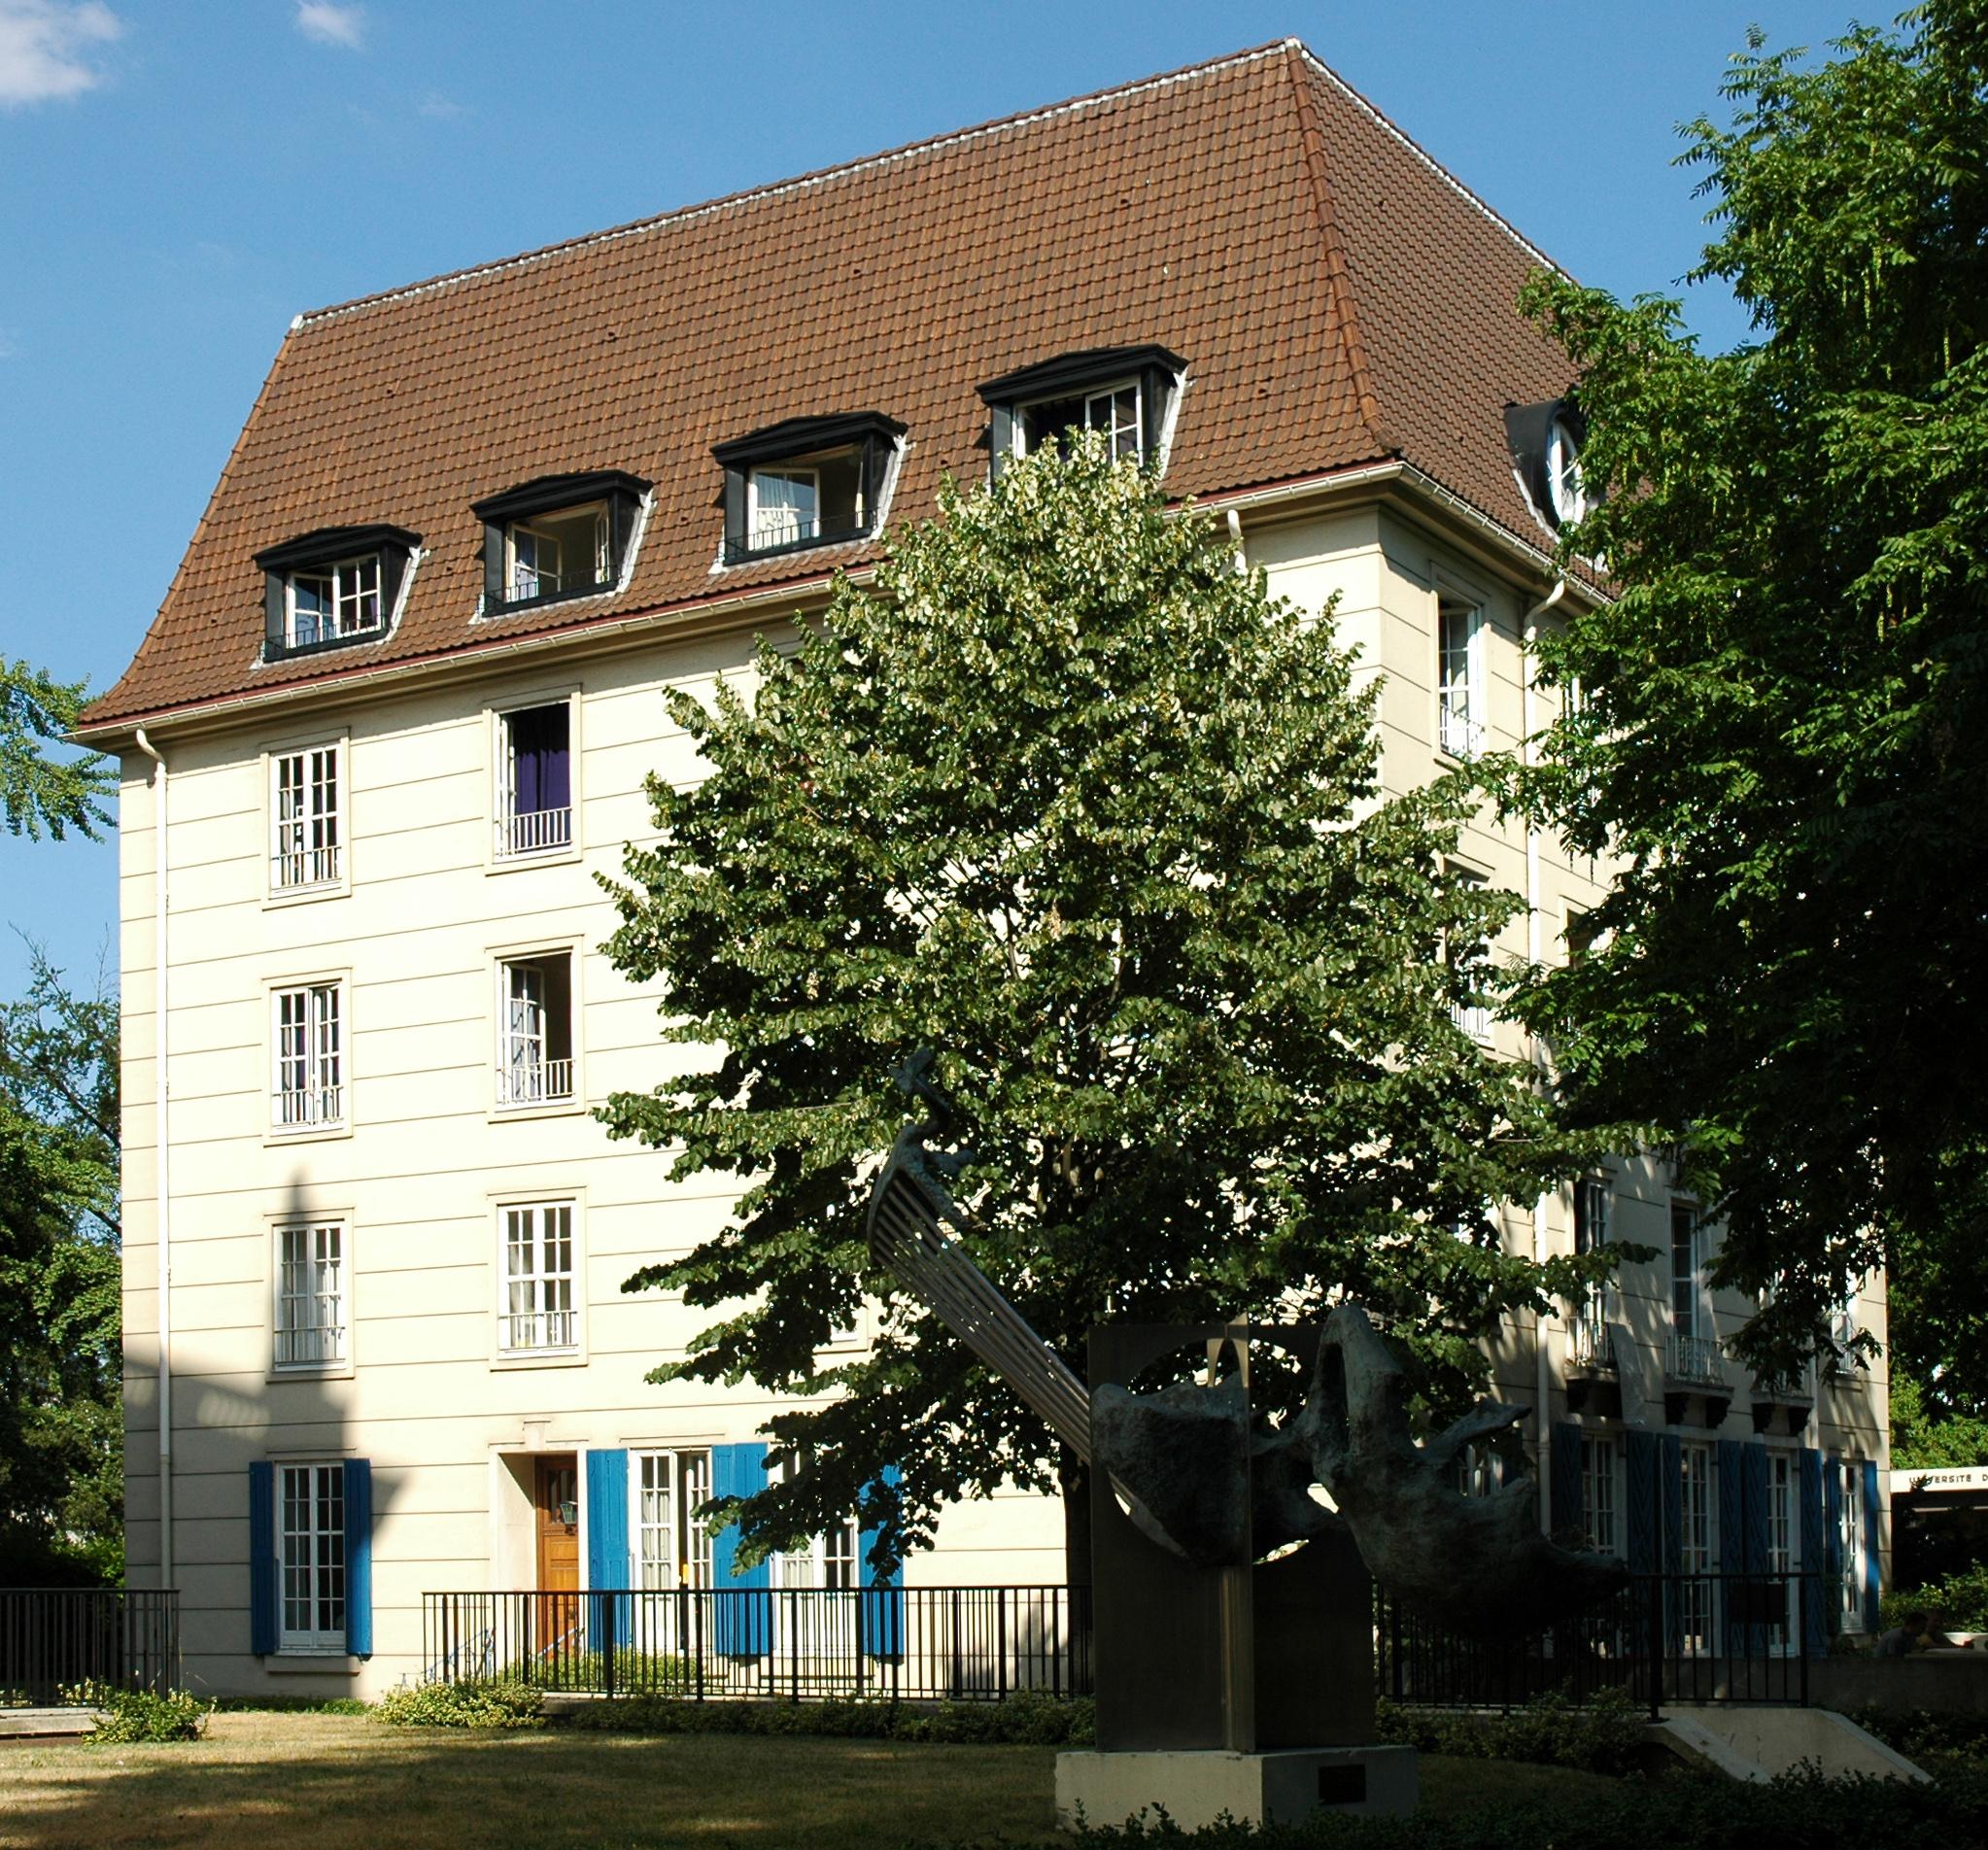 La Maison De La Suede archivo:france paris cite universitaire maison suede 01